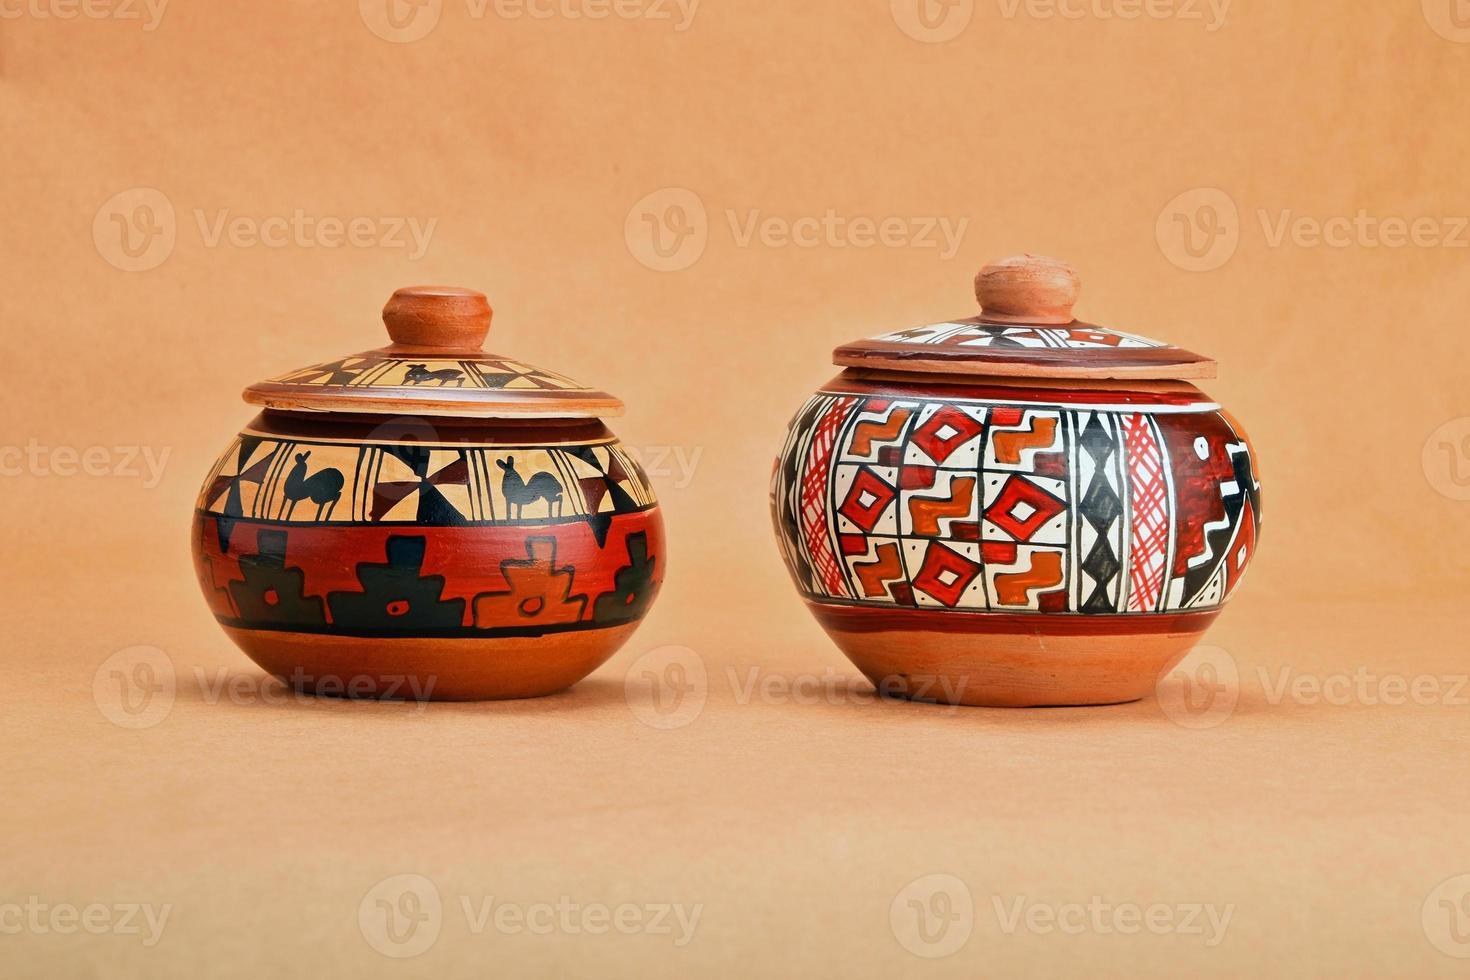 dos vasijas de cerámica pintadas a mano con tapas en papel kraft foto